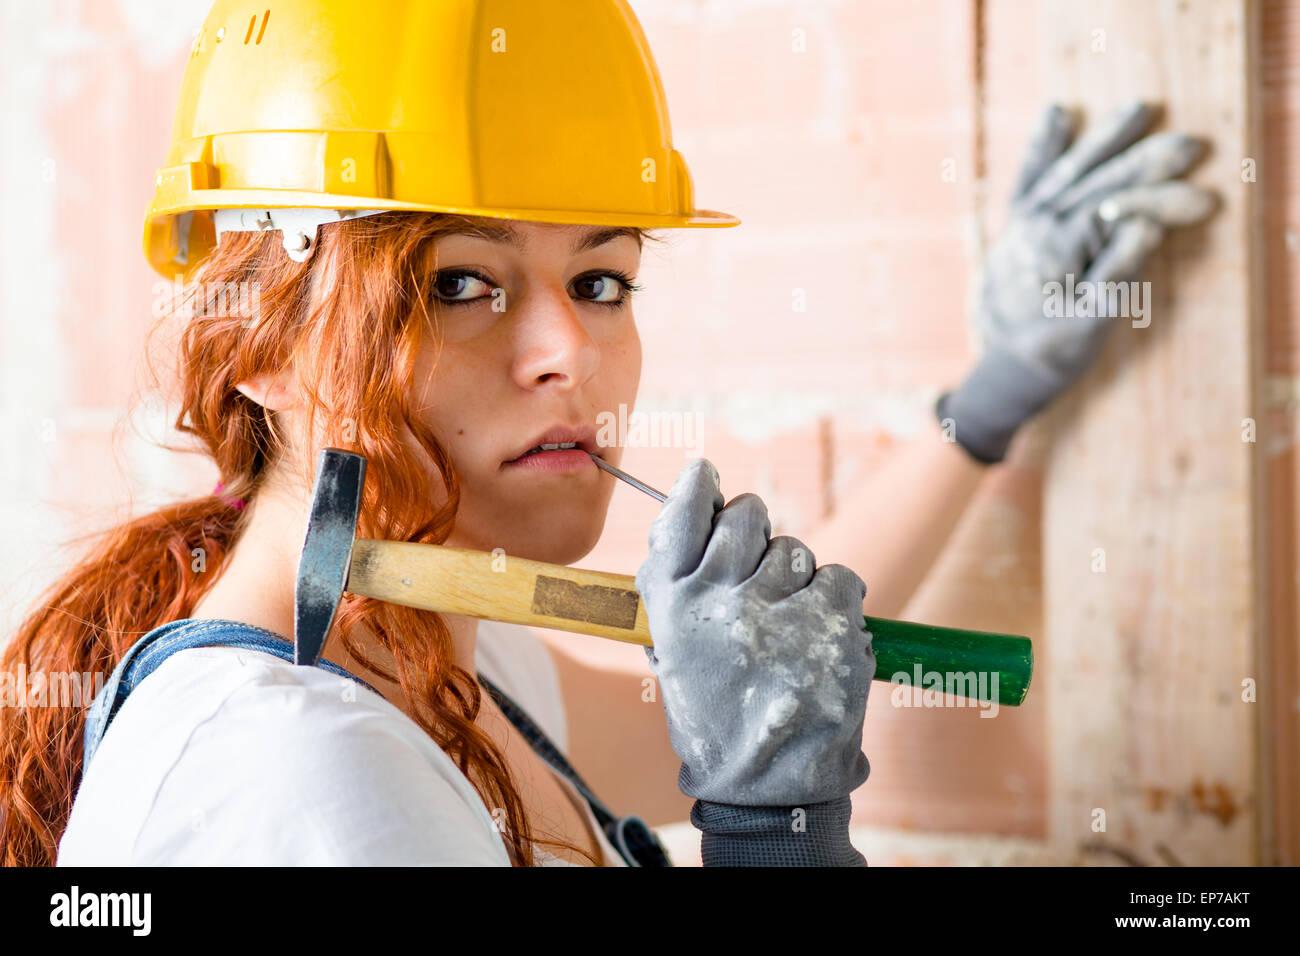 Mujer albañil con casco sosteniendo un martillo en la mano Imagen De Stock